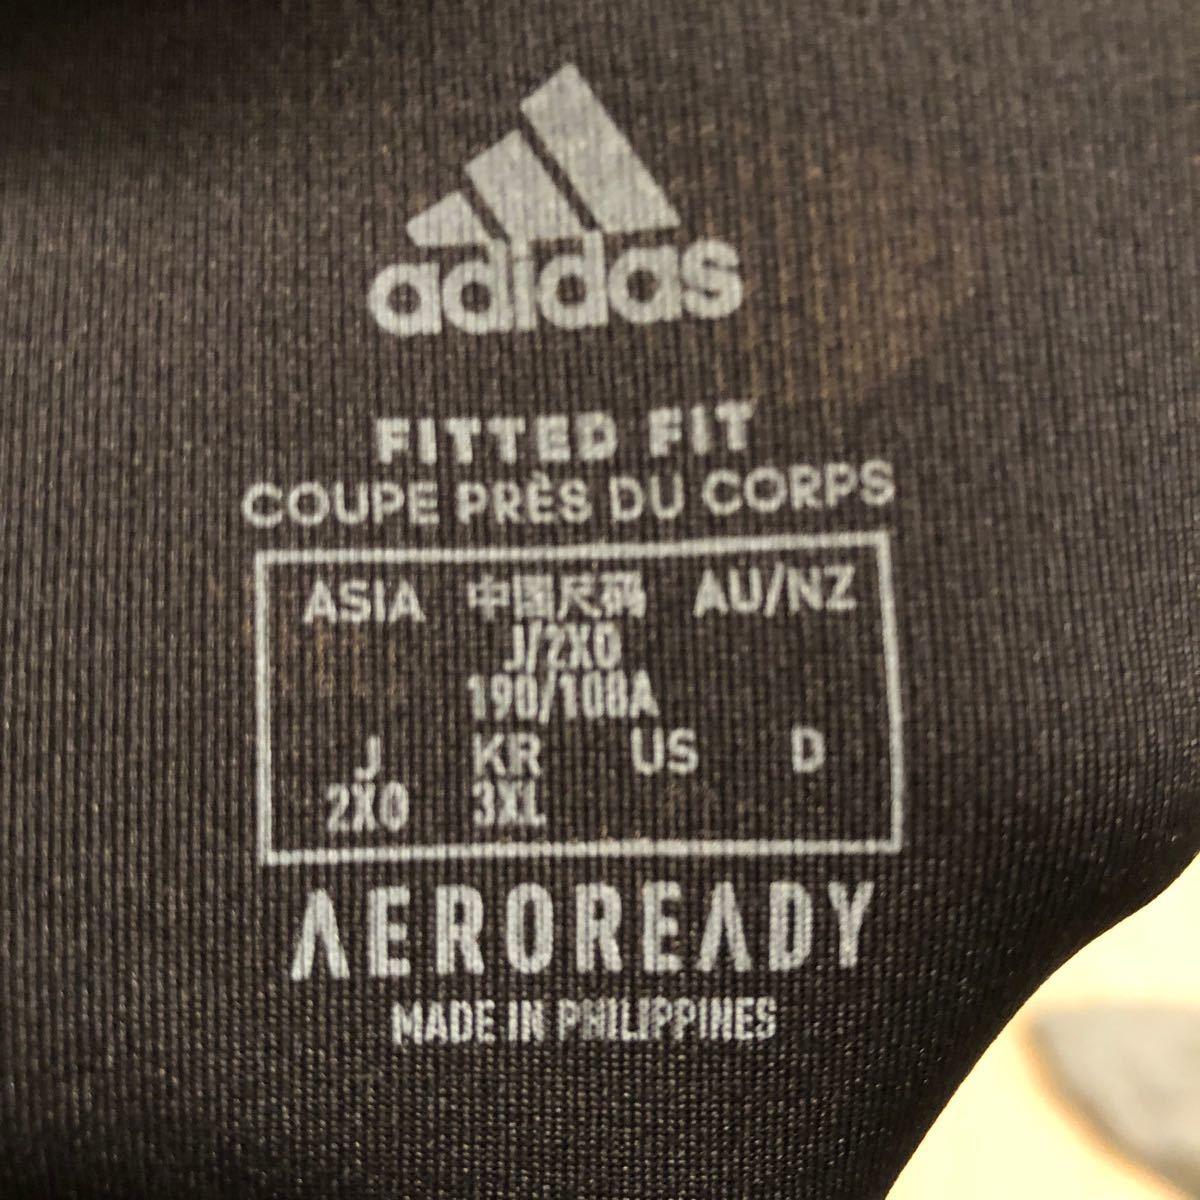 タンクトップ adidas ノースリーブ 2XO